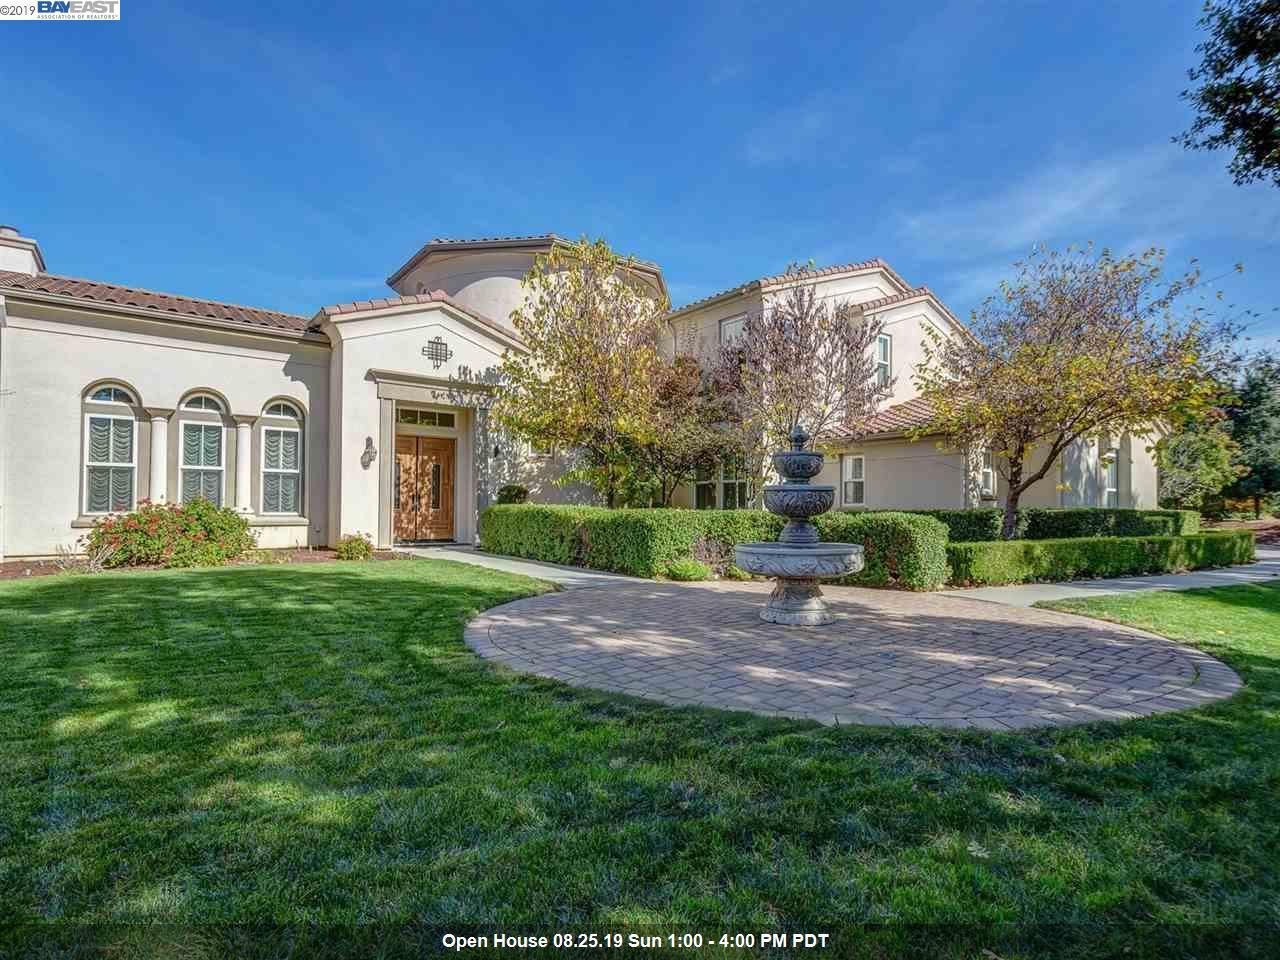 900 Sycamore Rd Pleasanton, CA 94566